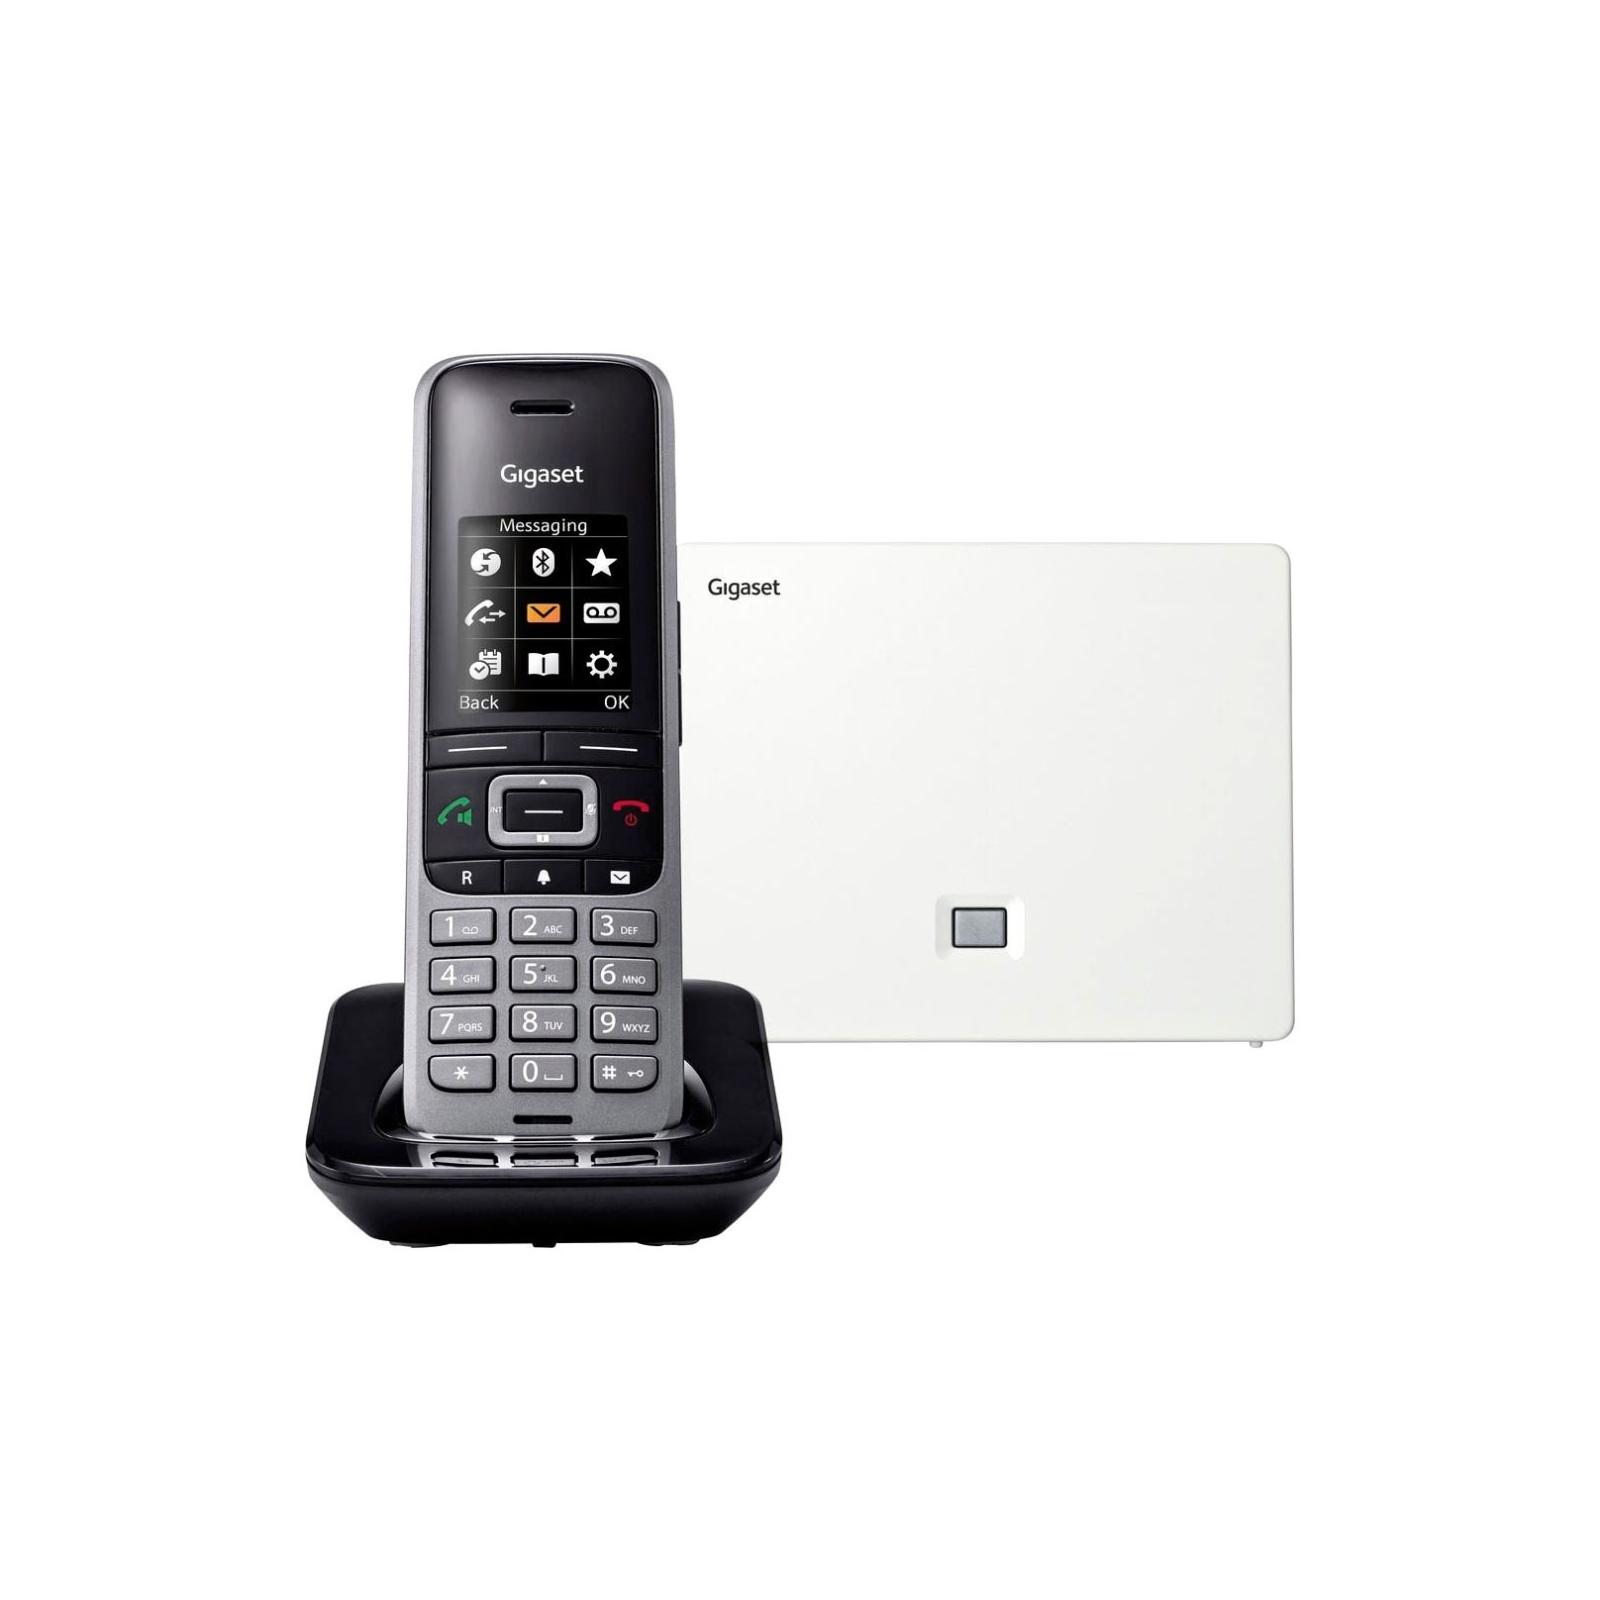 IP телефон Gigaset S650 IP PRO bundle комплект (S30852-H2617-R101) изображение 2